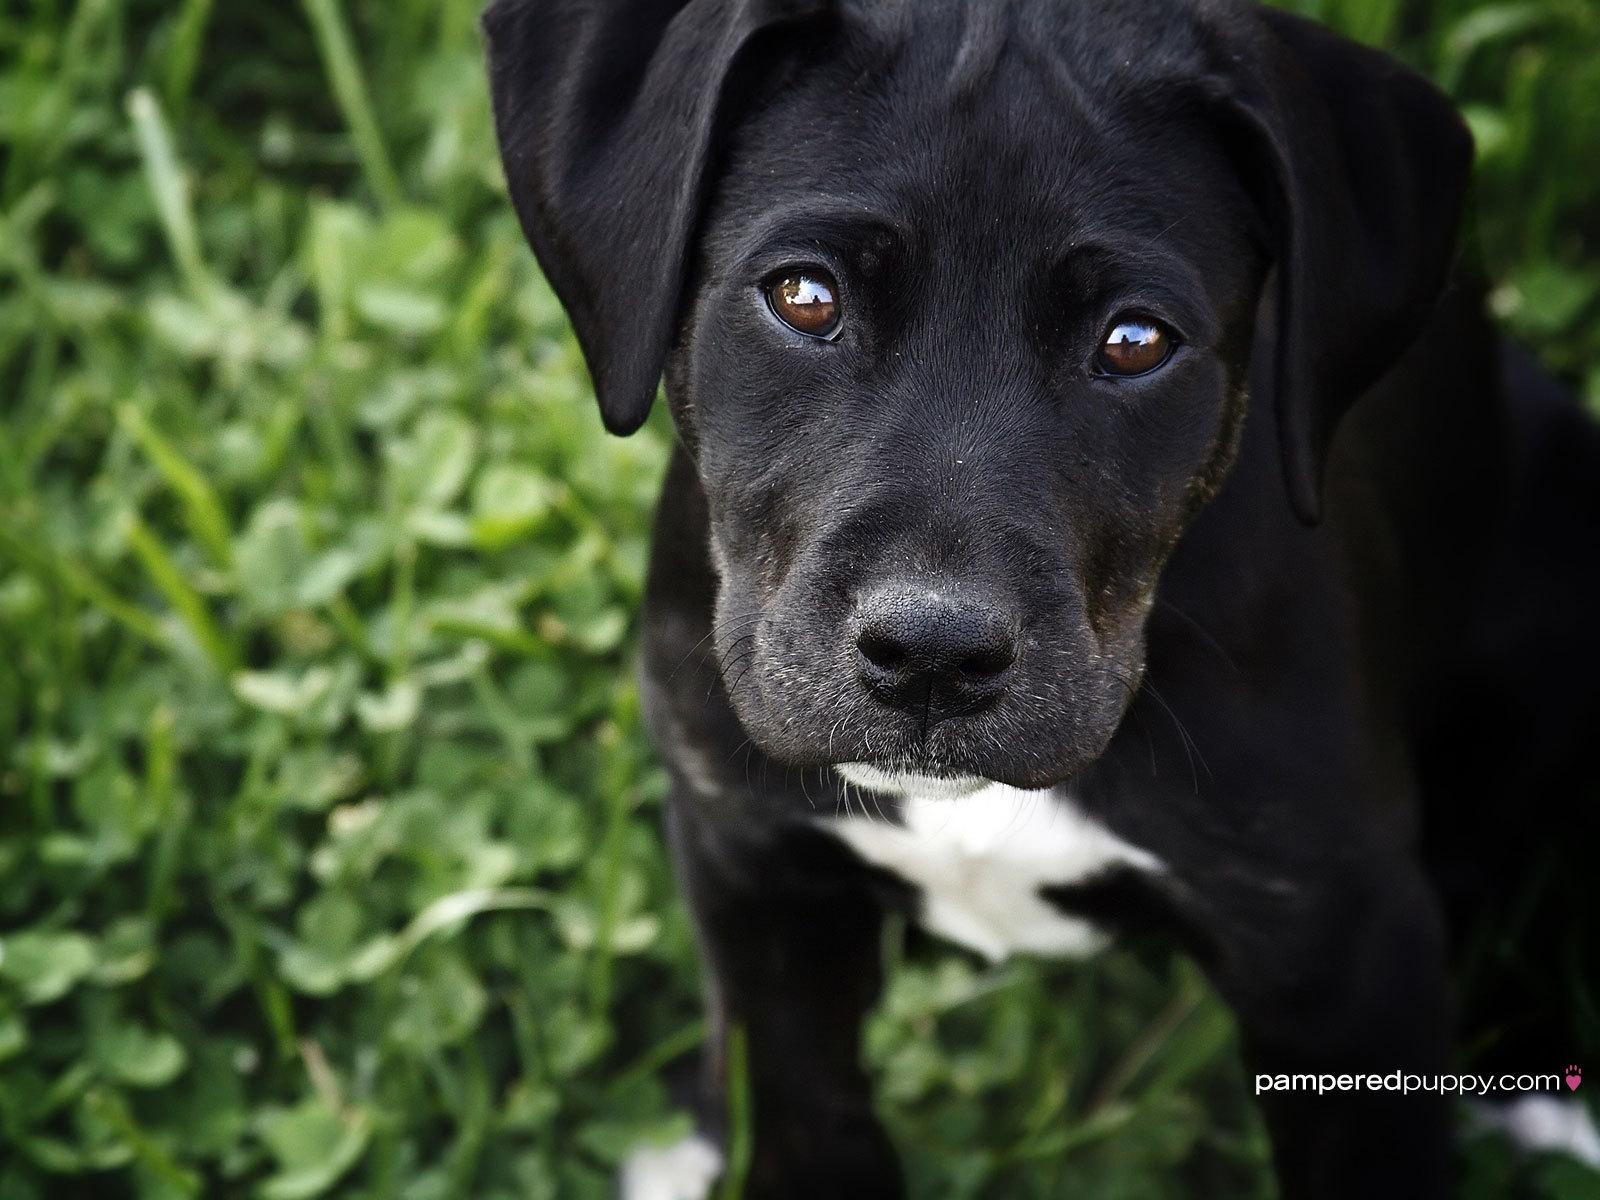 Black Labrador Retriever puppy. - Dogs Wallpaper (13518444) - Fanpop ...